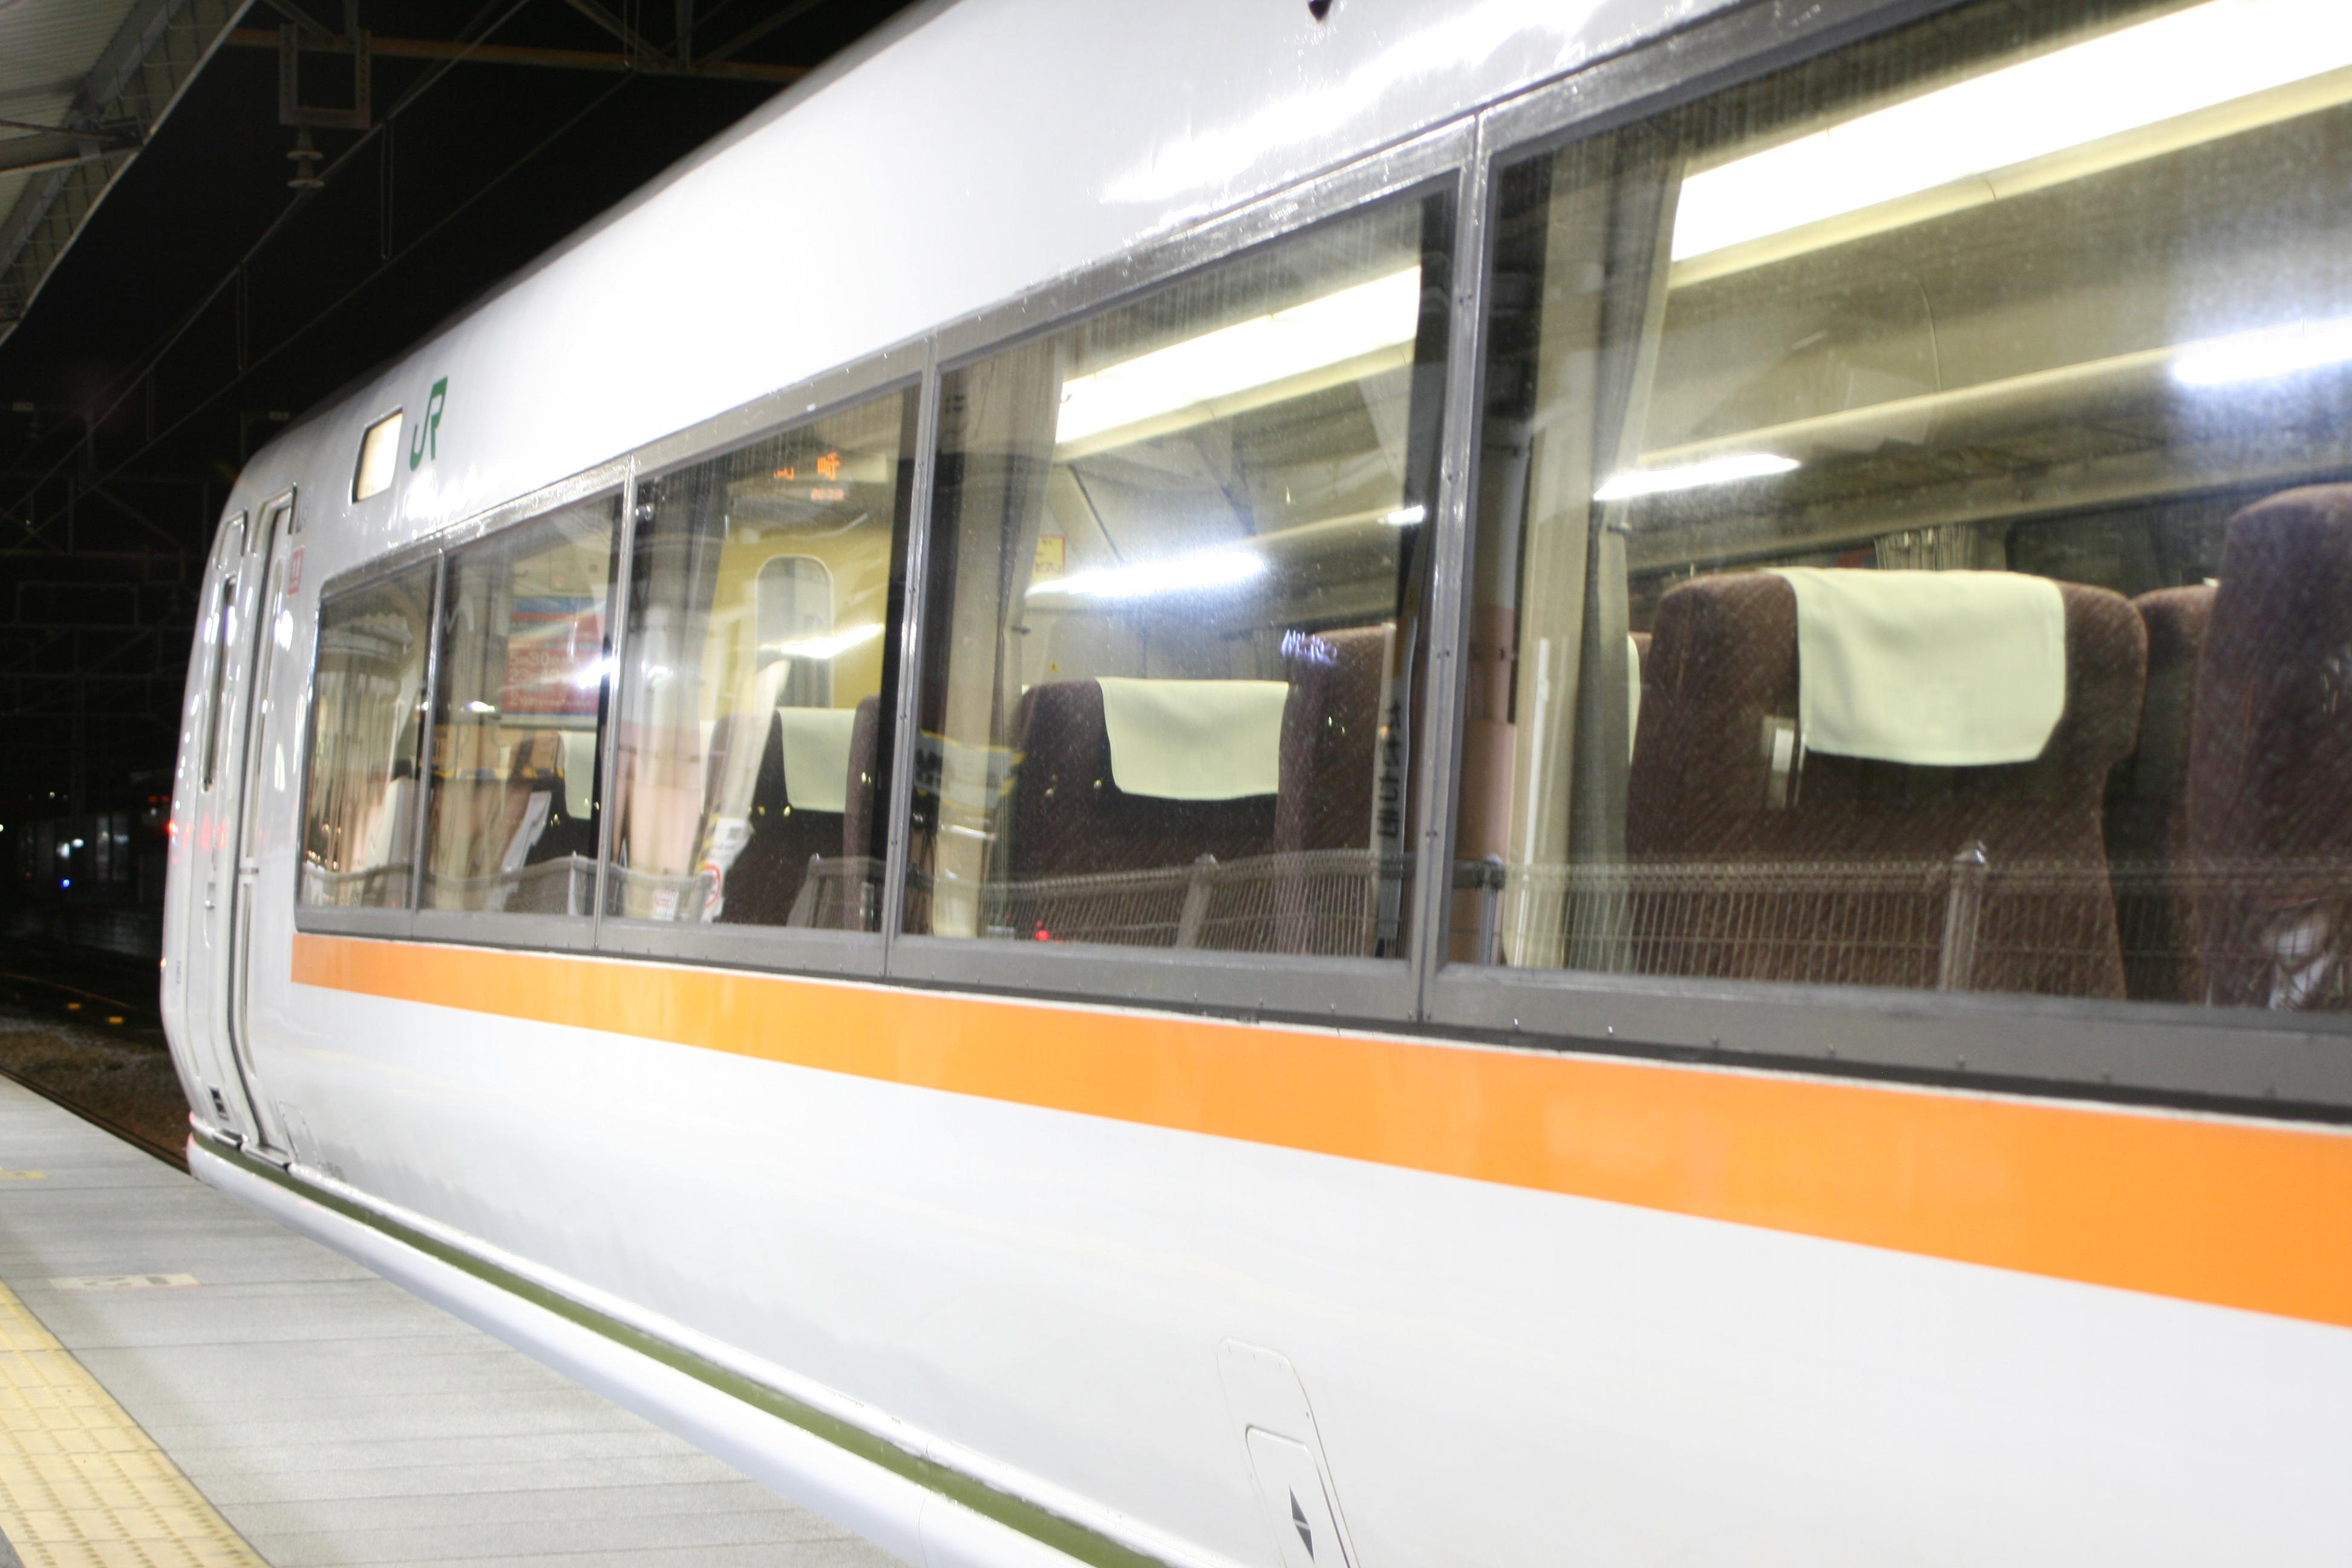 停車駅 あかぎ 高崎線 宇都宮線